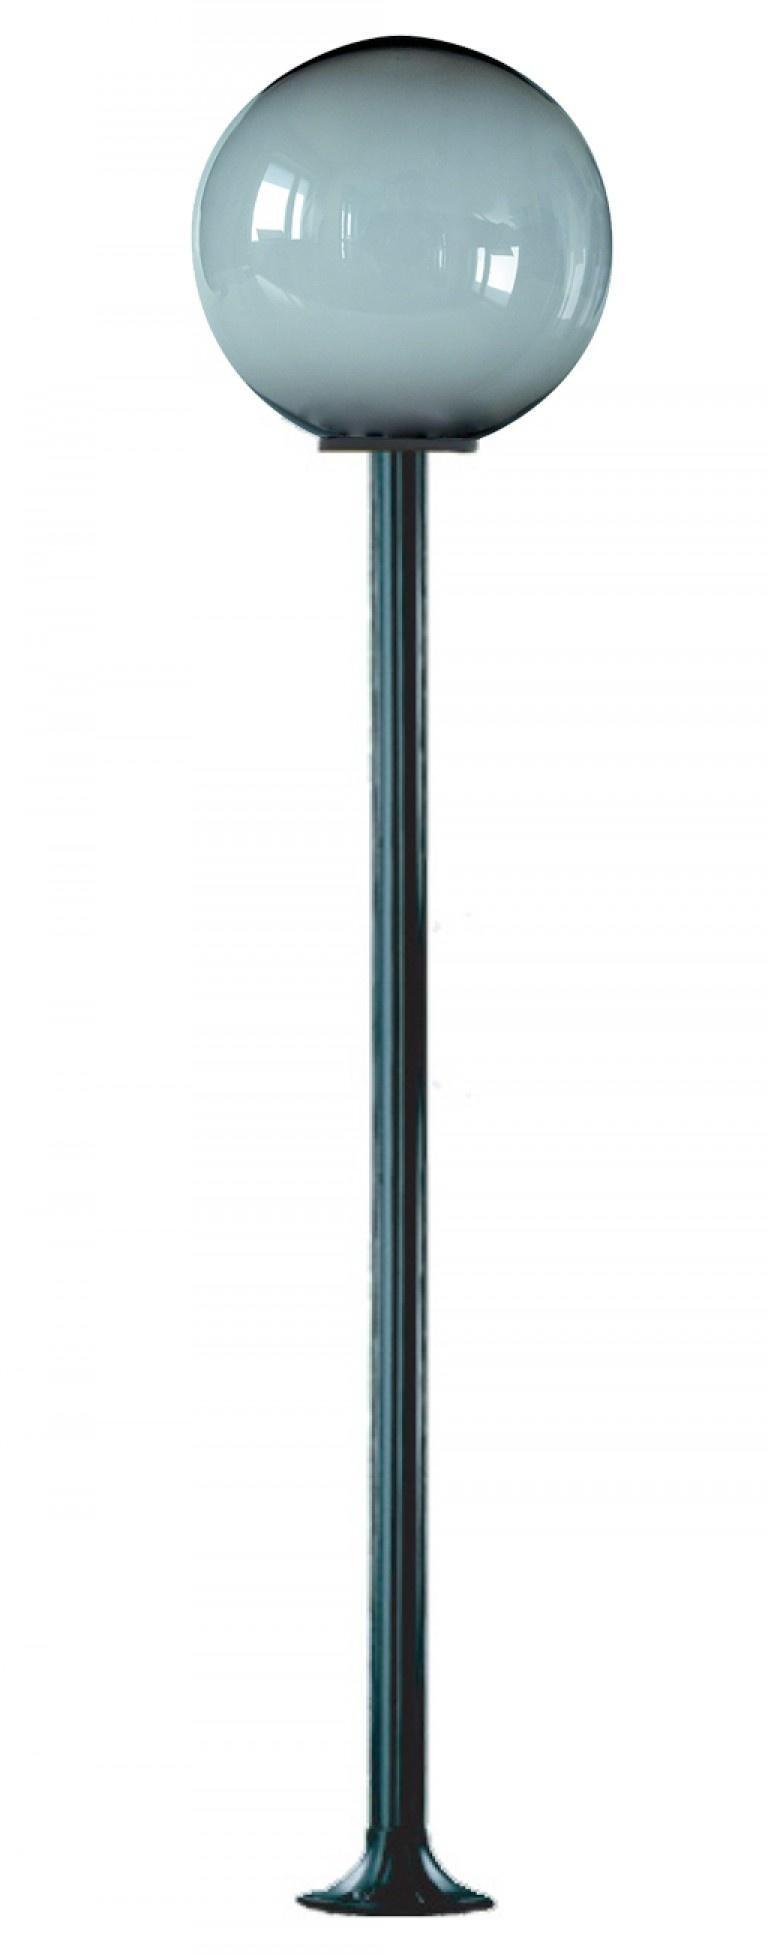 Lampy ogrodowe wys. 2.2 m, klosz podpalany 400 mm